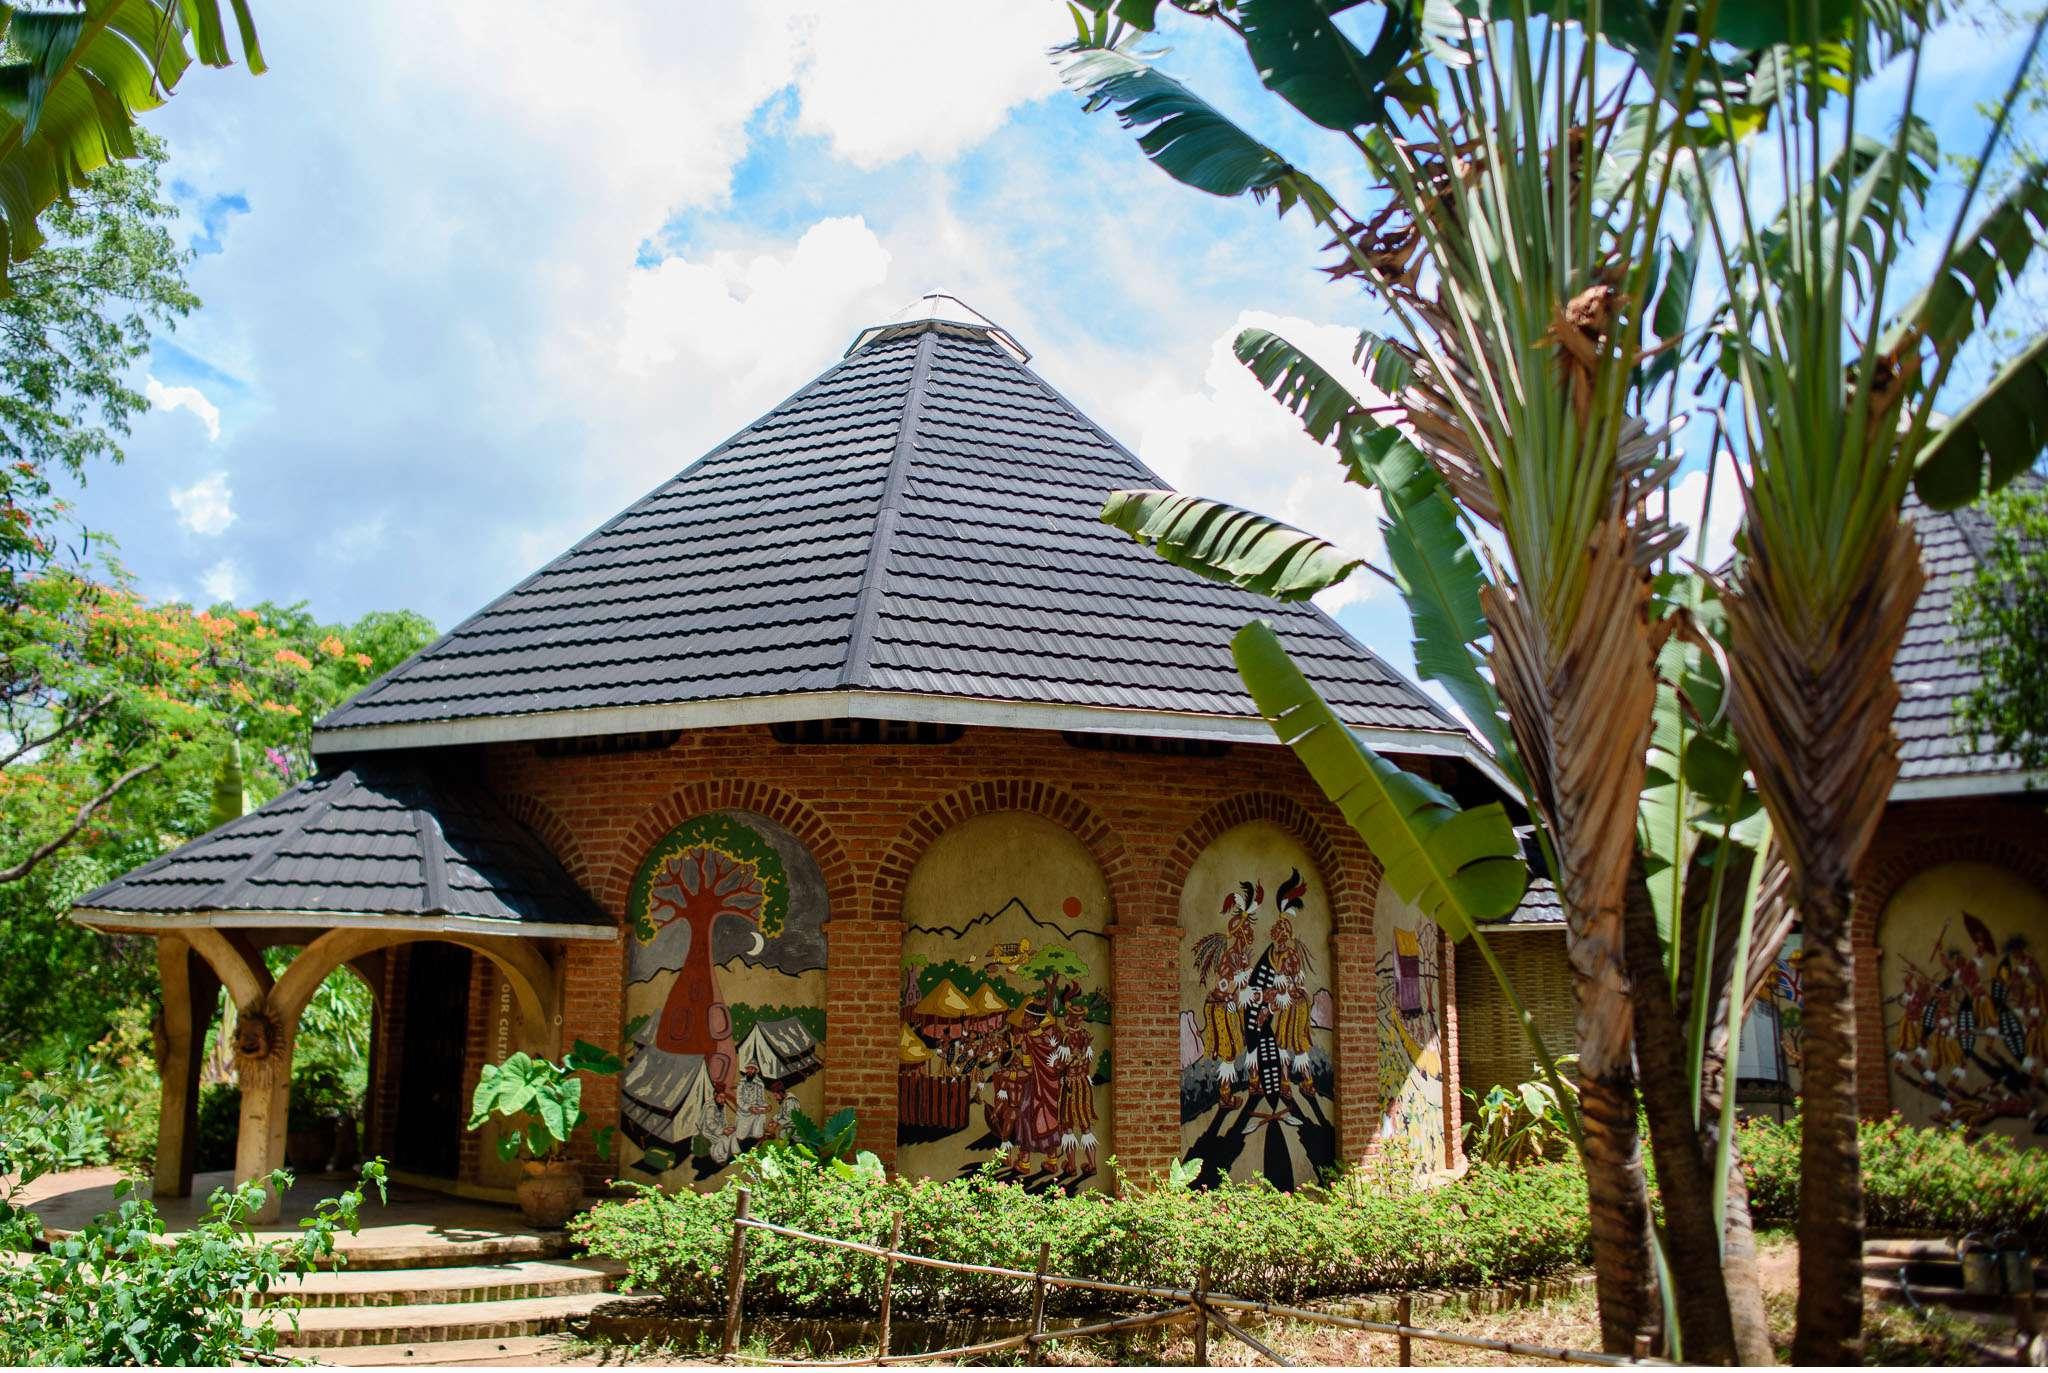 Malawi-Quer durch Afrika- Geschichten von unterwegs by Marion and Daniel-31